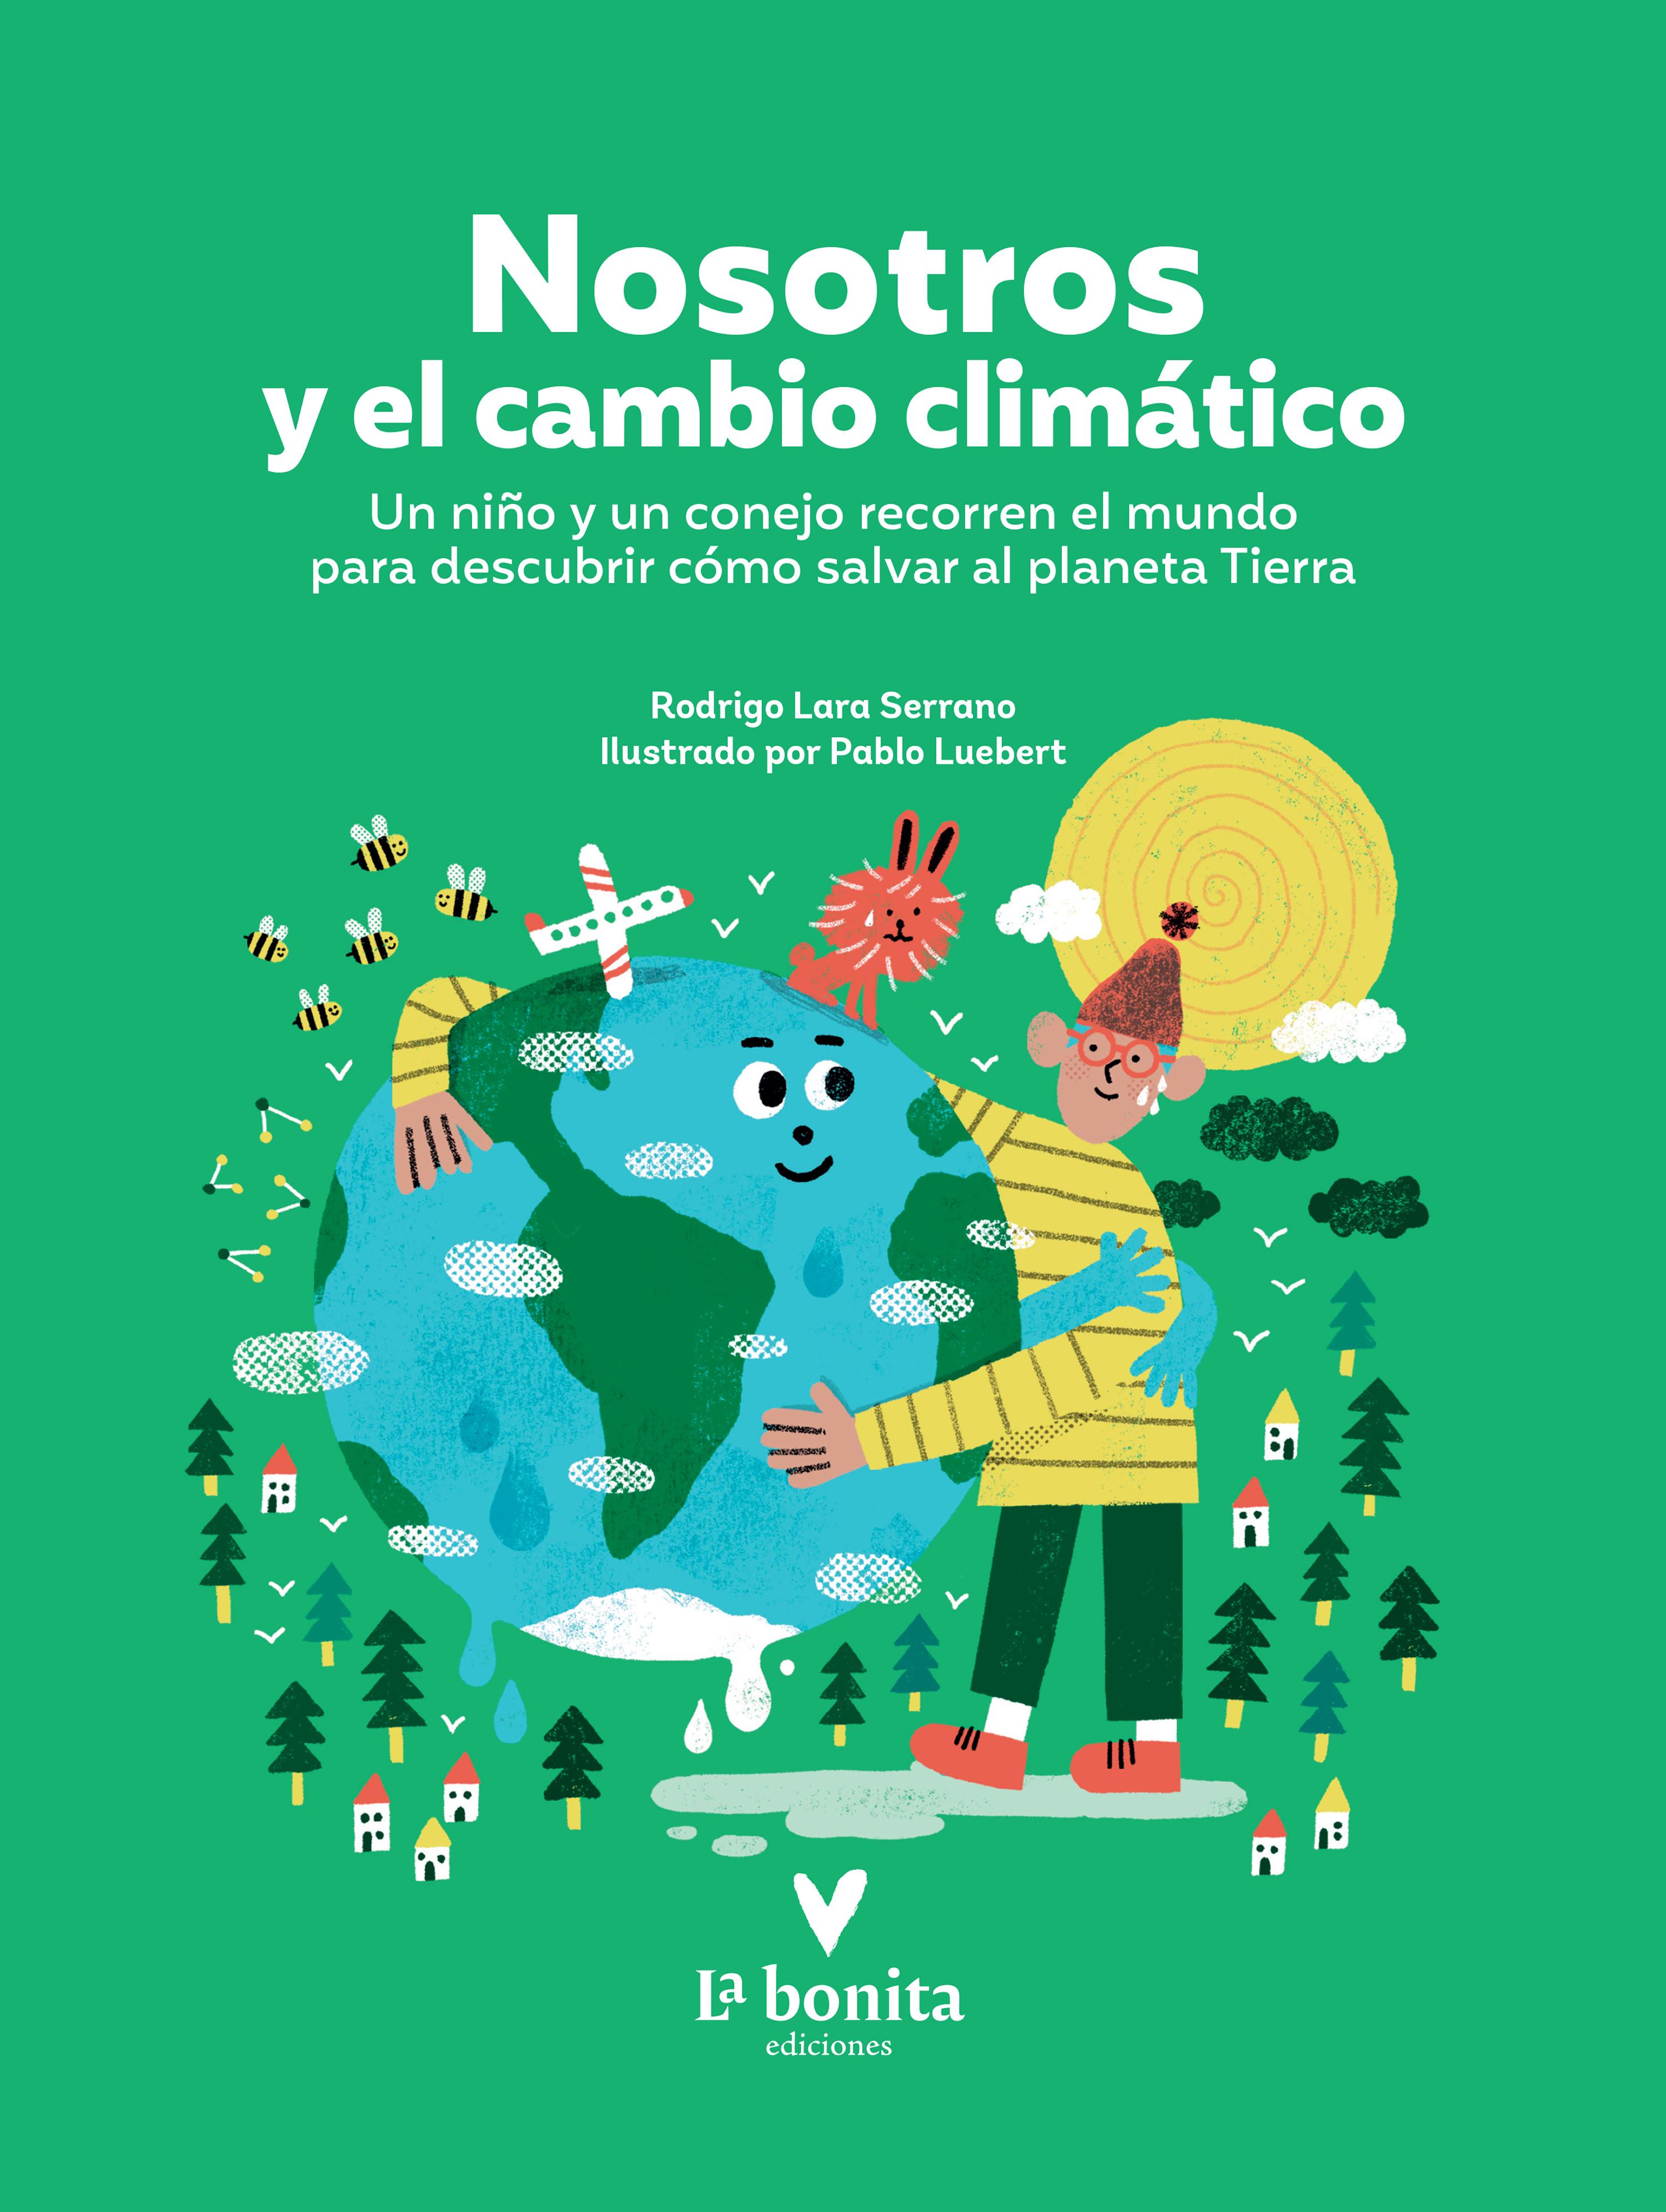 Nosotros y el cambio climático: Un niño y un conejo recorren el mundo para descubrir cómo salvar al planeta Tierra